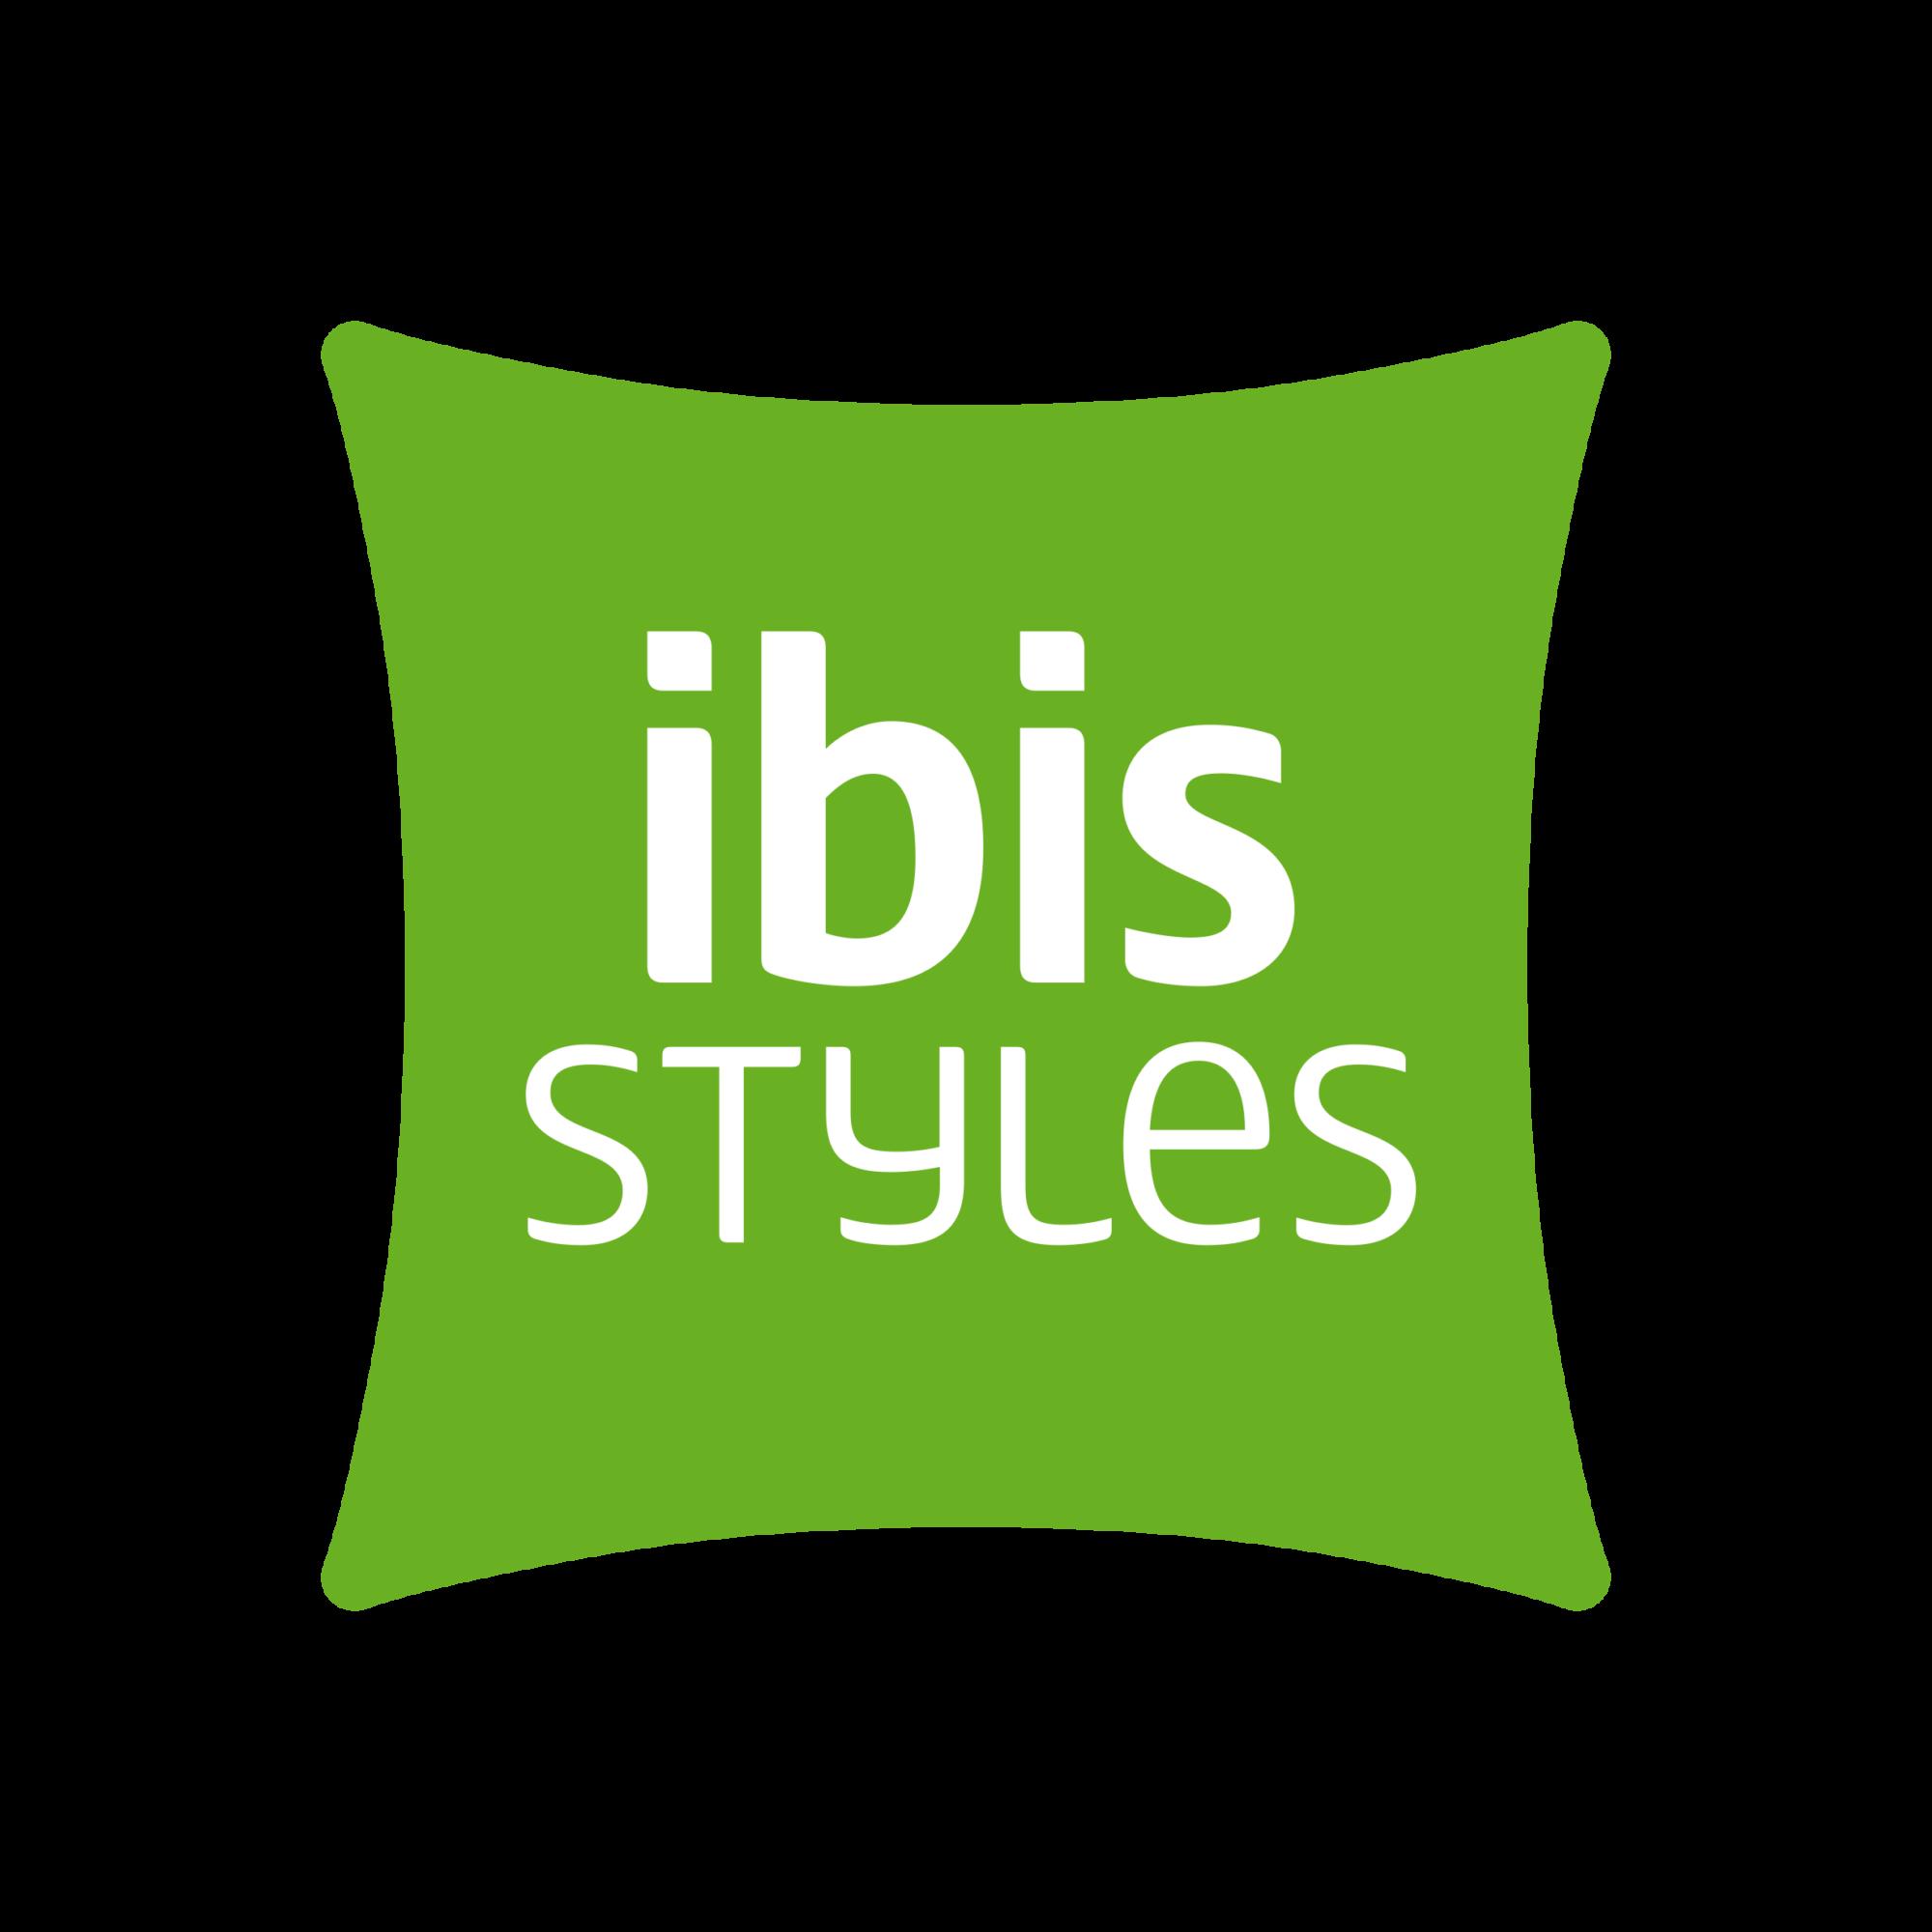 ibis-styles logo